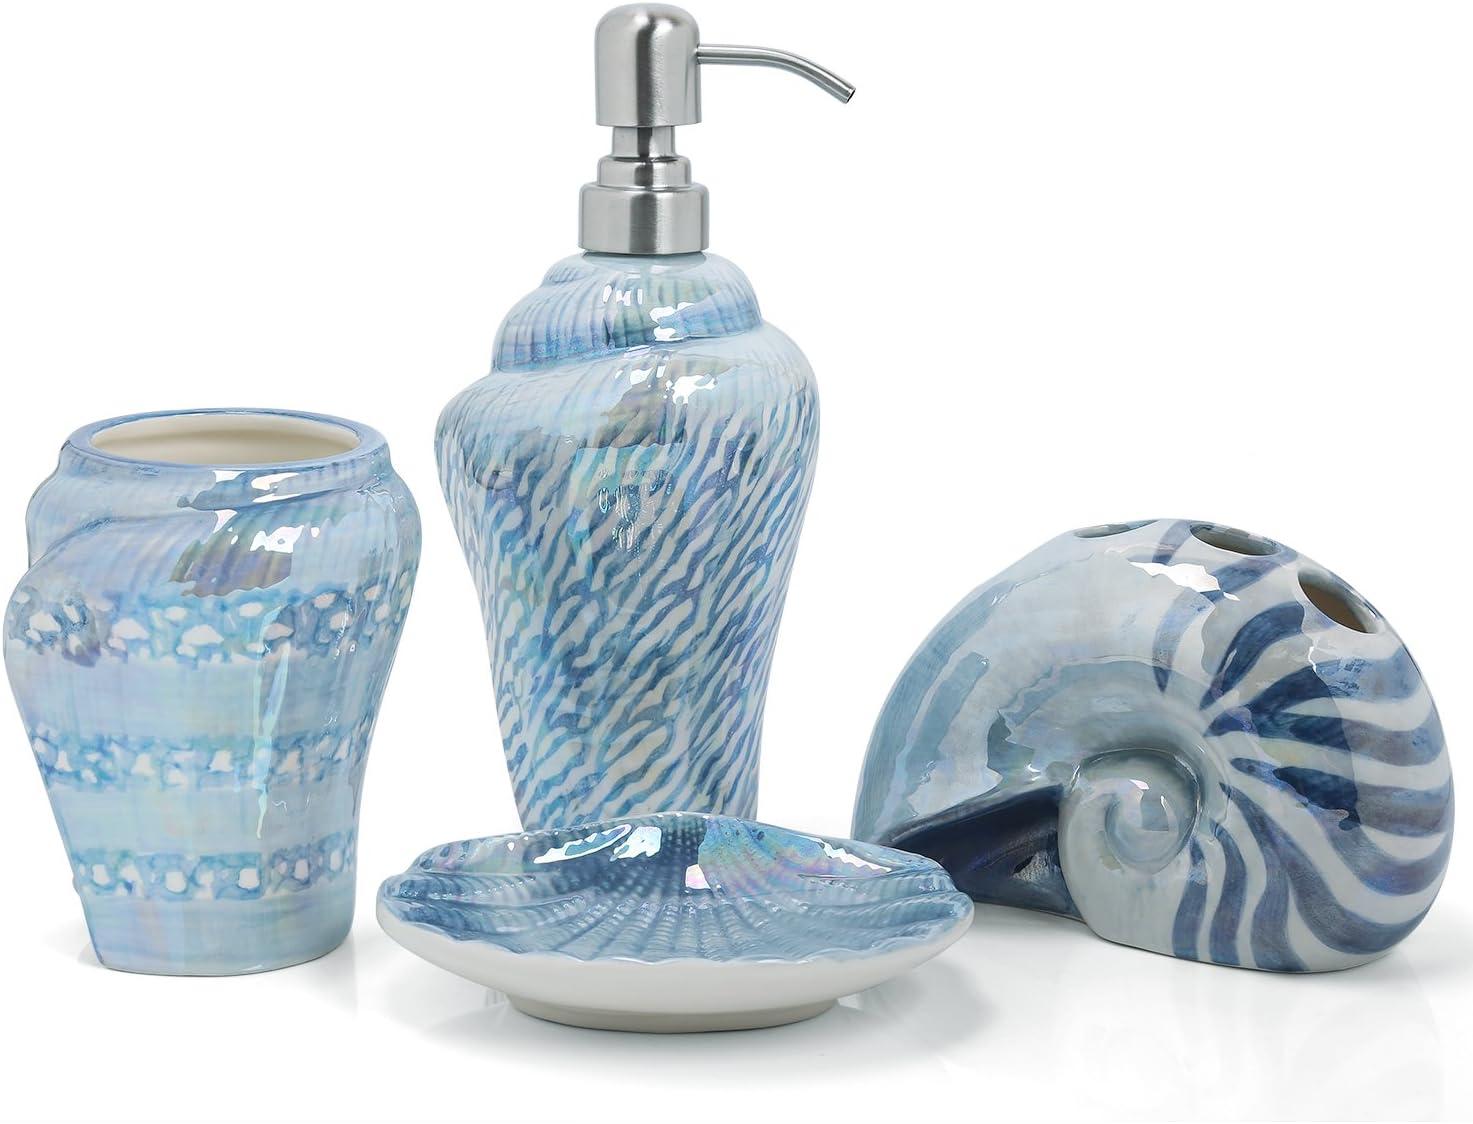 QQRH seifenspender Set Badezimmer Set Badezimmer zubeh/ör,aus Seifenspender,Zahnputzbecher-Badzubeh/ör,mit Seifenschaumspender wiederbef/üllbar,Keramik,stilvolles Bad Set